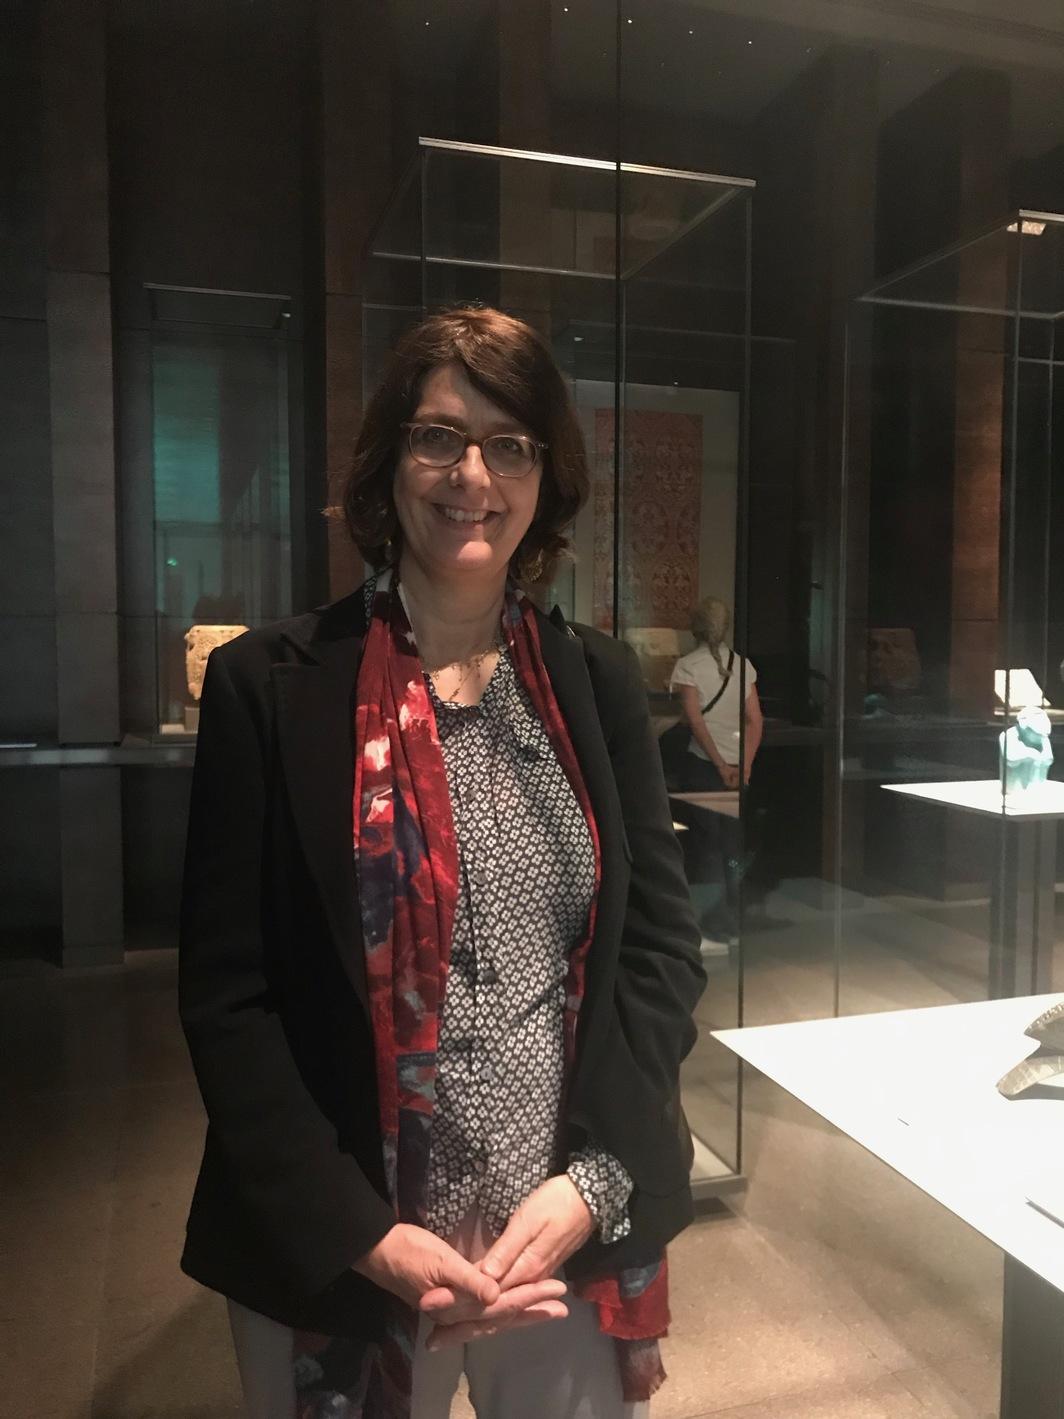 """Museum of Islamic <a href='https://miifplus.com/tag/art/' target='_self' rel='nofollow' title='Art'>Art</a> Director Julia Gonnella. """" /><br /> Museum of Islamic <a href='https://miifplus.com/tag/art/' target='_self' rel='nofollow' title='Art'>Art</a> Director Julia Gonnella. </div> </div> <div class="""